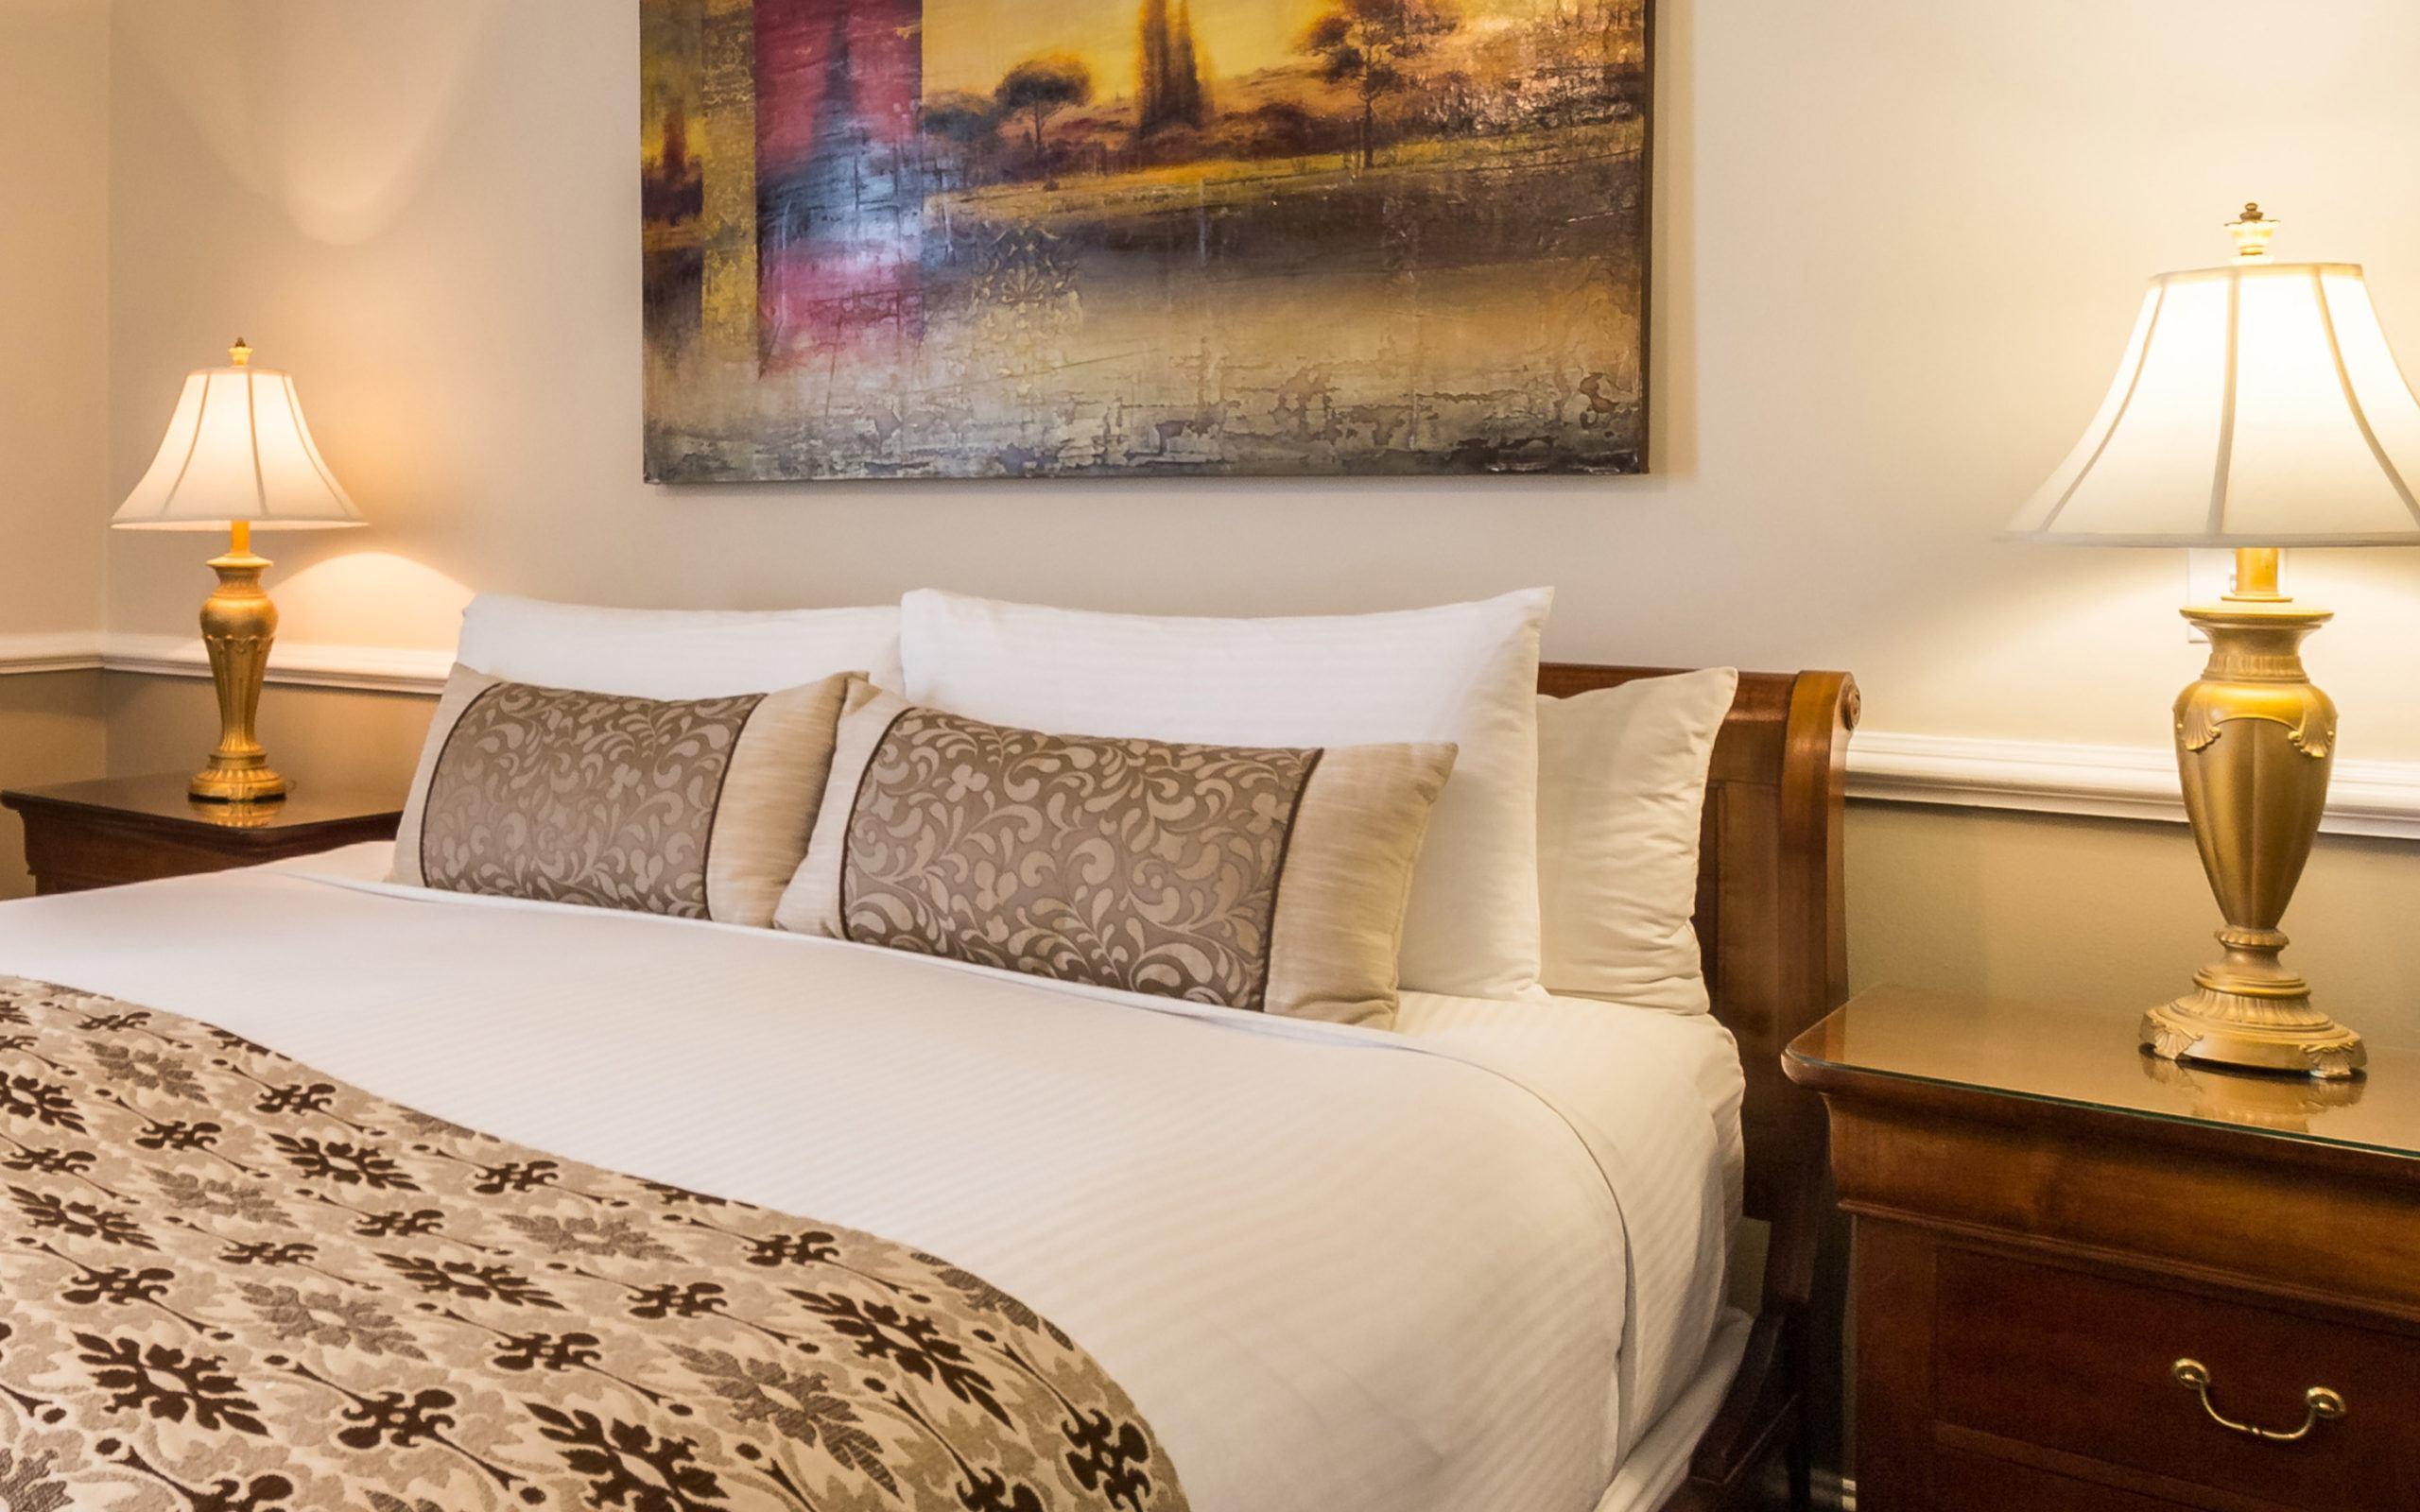 Junior Suite Hotel Rooms Charleston, SC at The Vendue